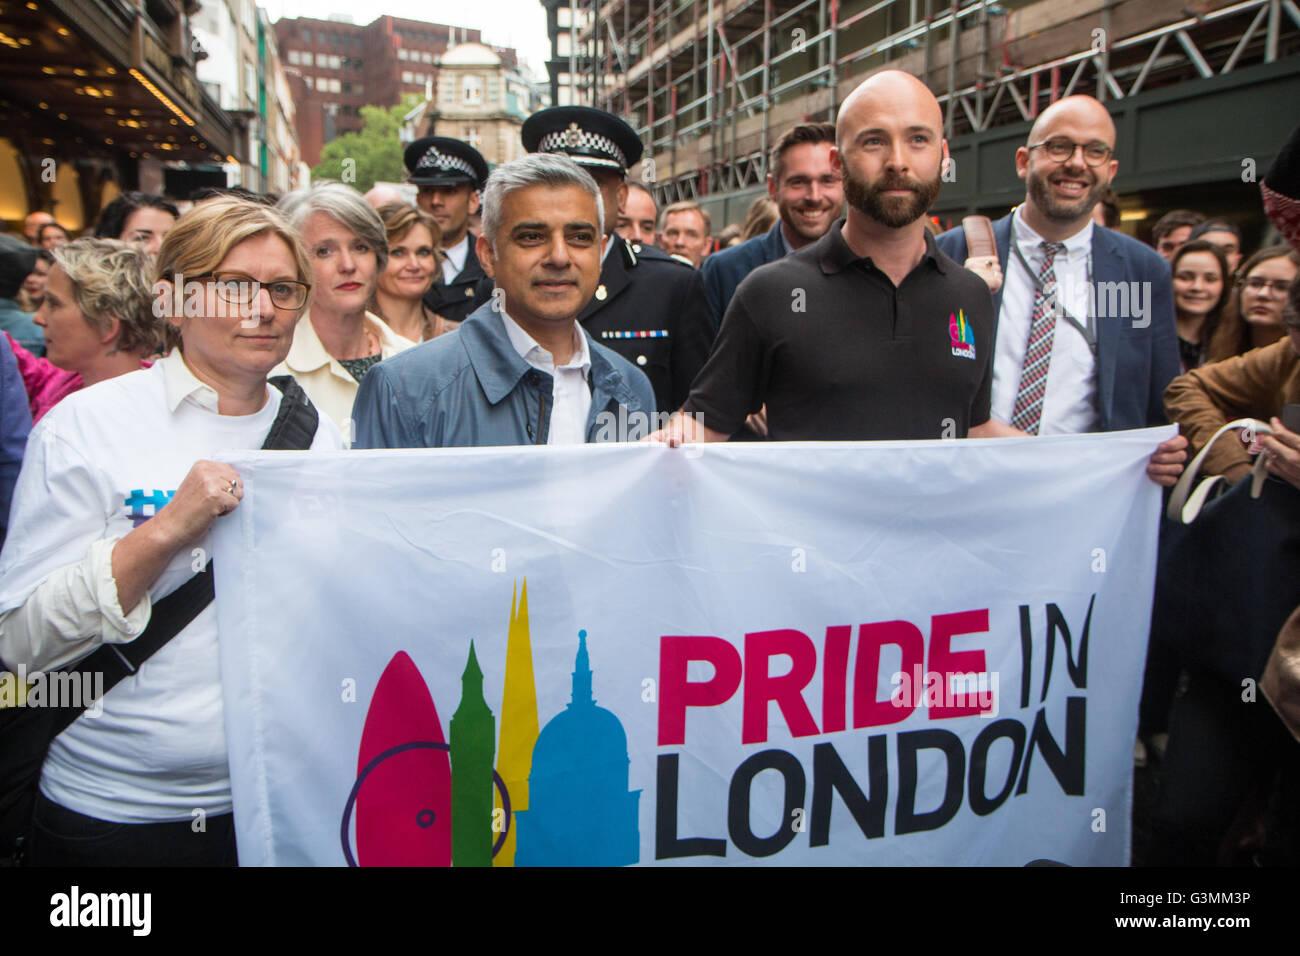 Mayor of London Sadiq Khan and director of Pride in London (Michael Salter) - Stock Image